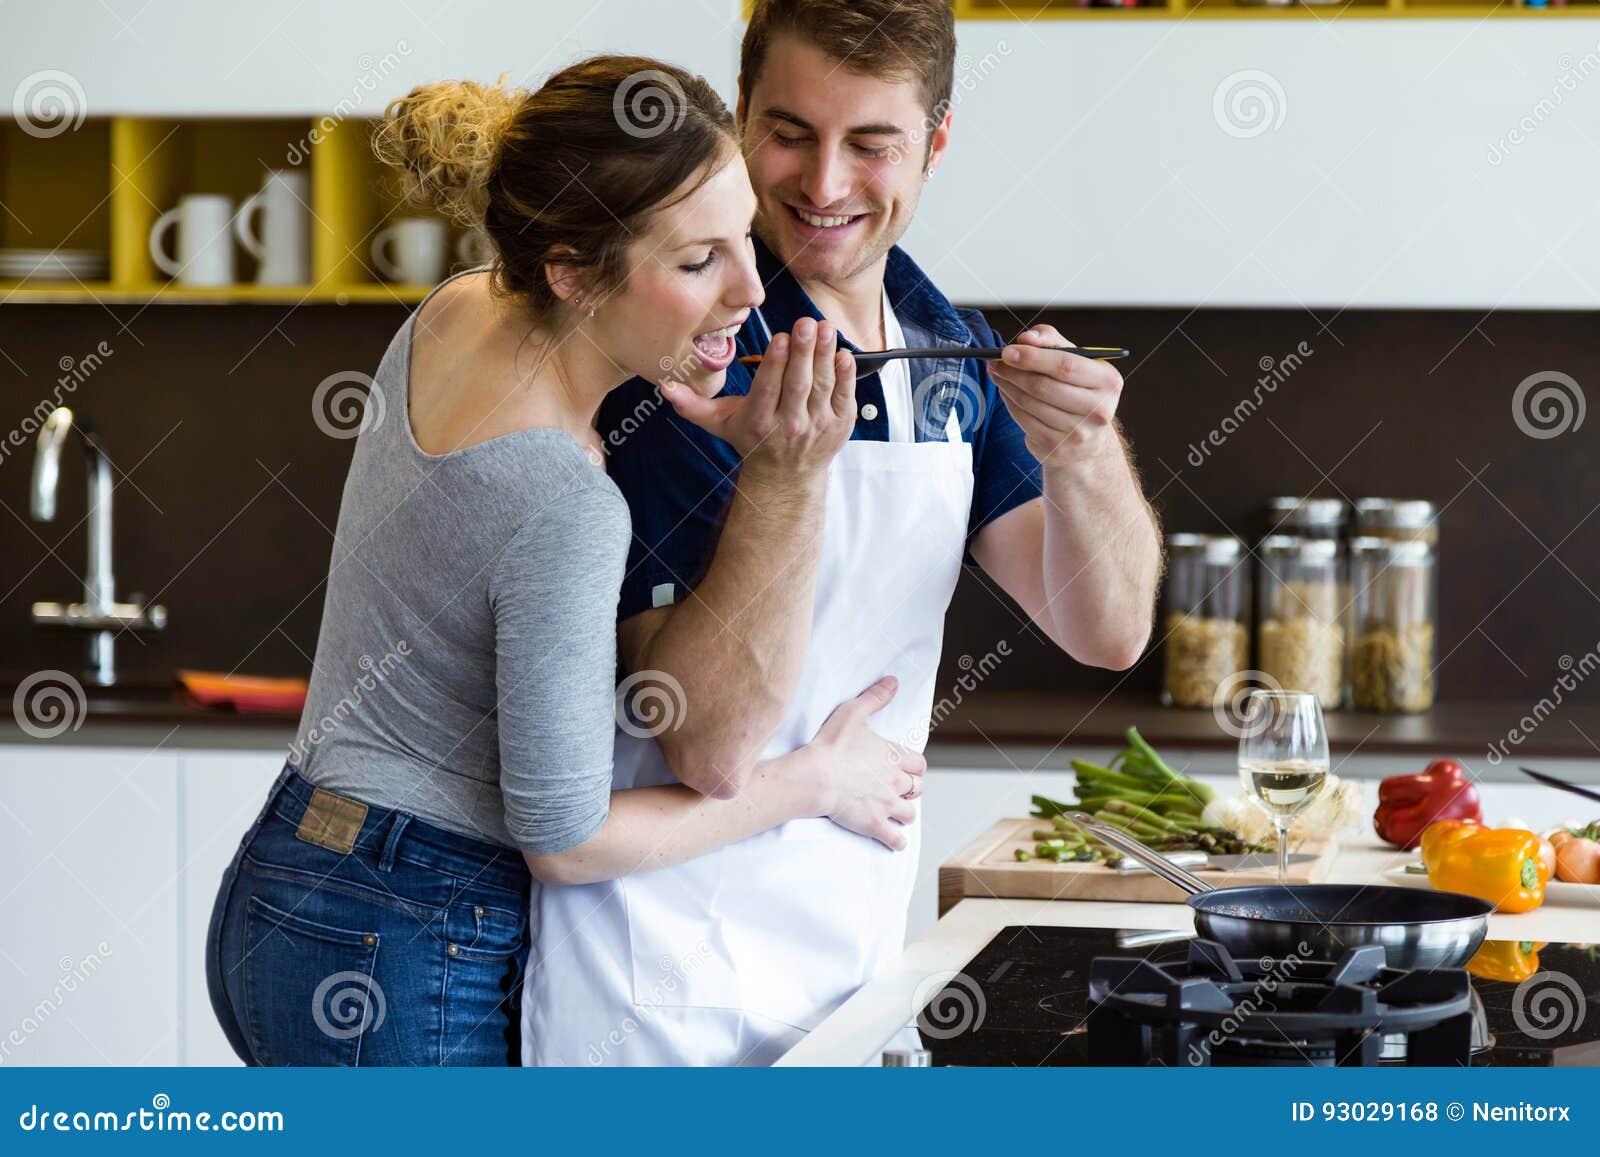 Ευτυχές νέο μαγείρεμα ζευγών μαζί στην κουζίνα στο σπίτι